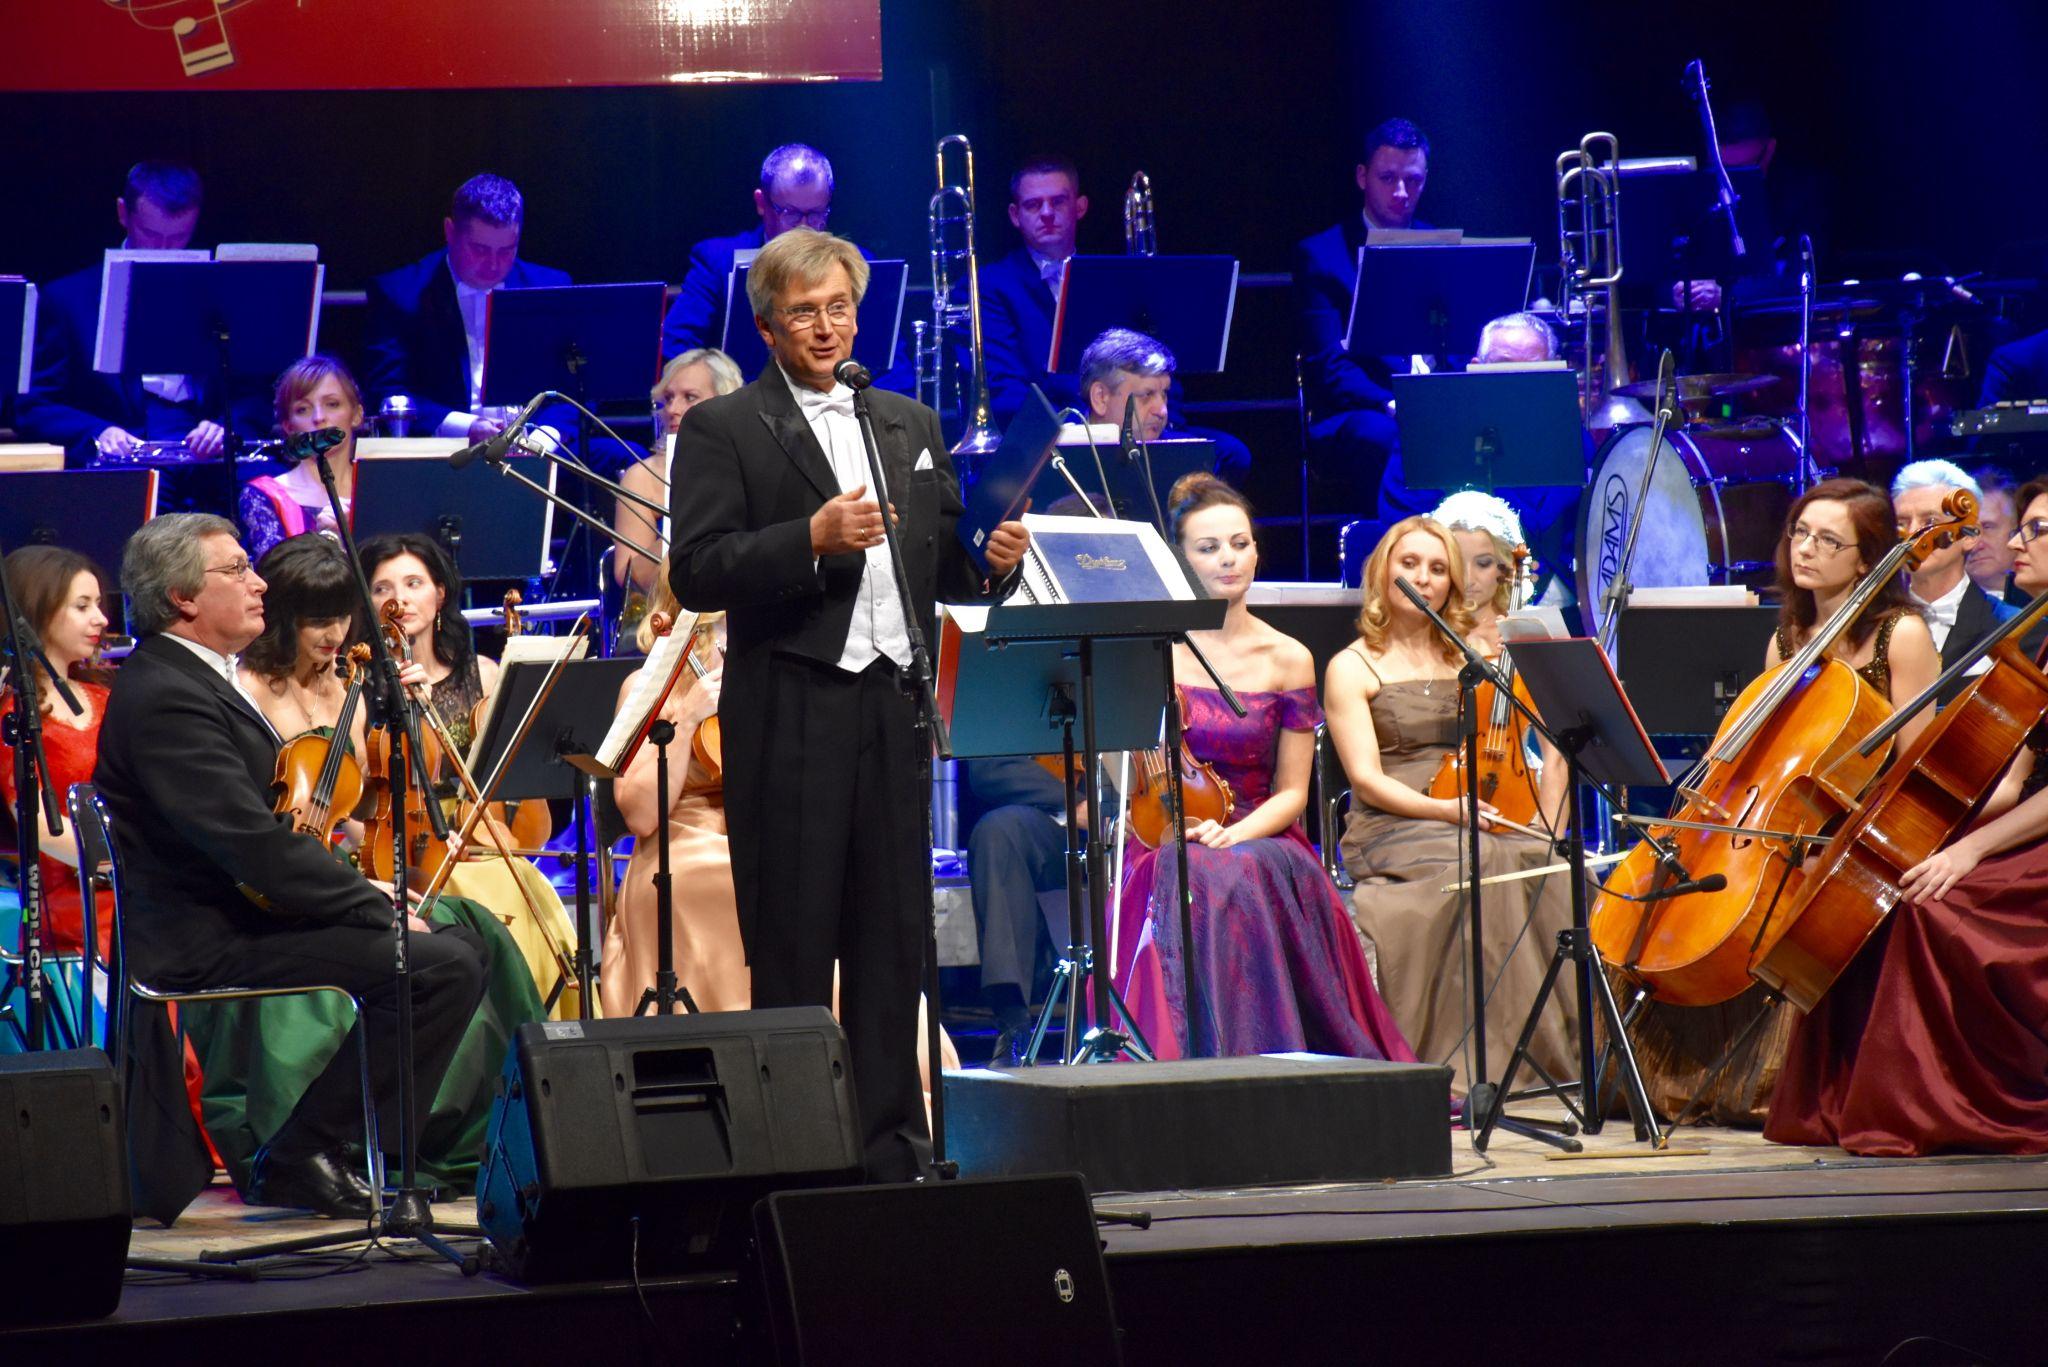 dni muzyki Święto muzyki klasycznej w Zamościu. Przed nami jubileuszowe 40. Zamojskie Dni Muzyki.